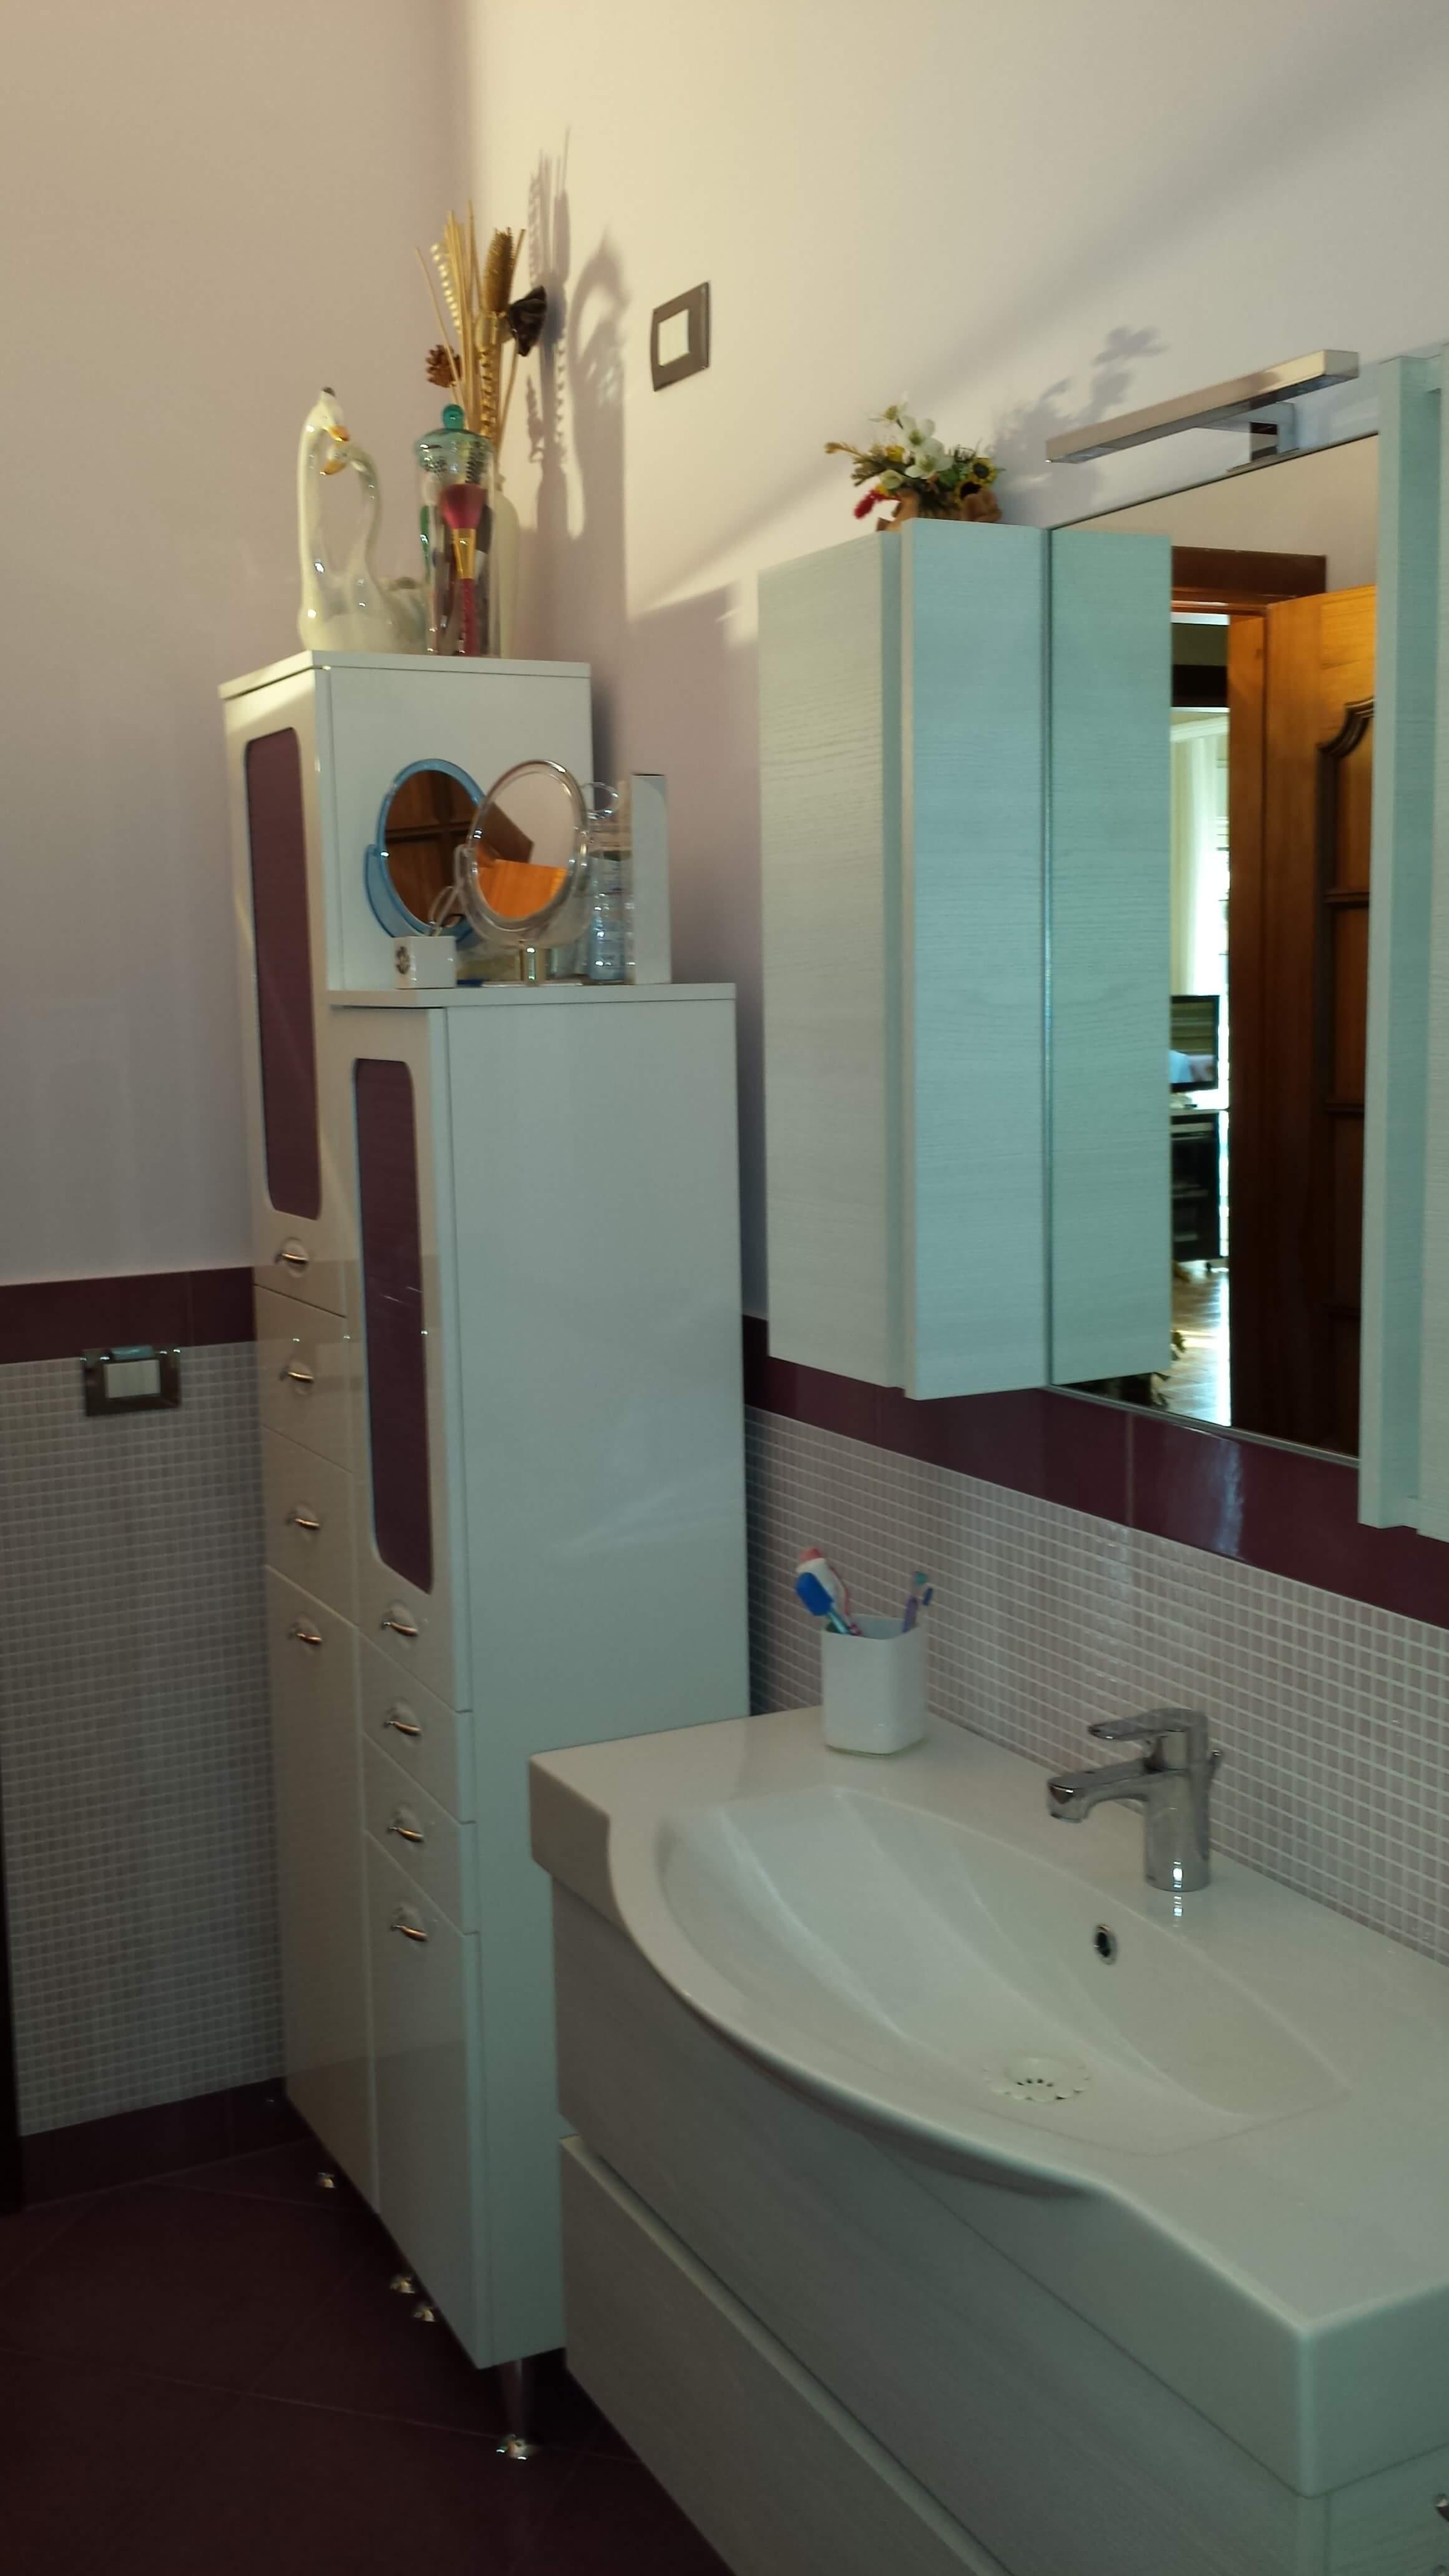 bagno con mobili chiari e dettagli in porpora per riprendere il muro a mosaico